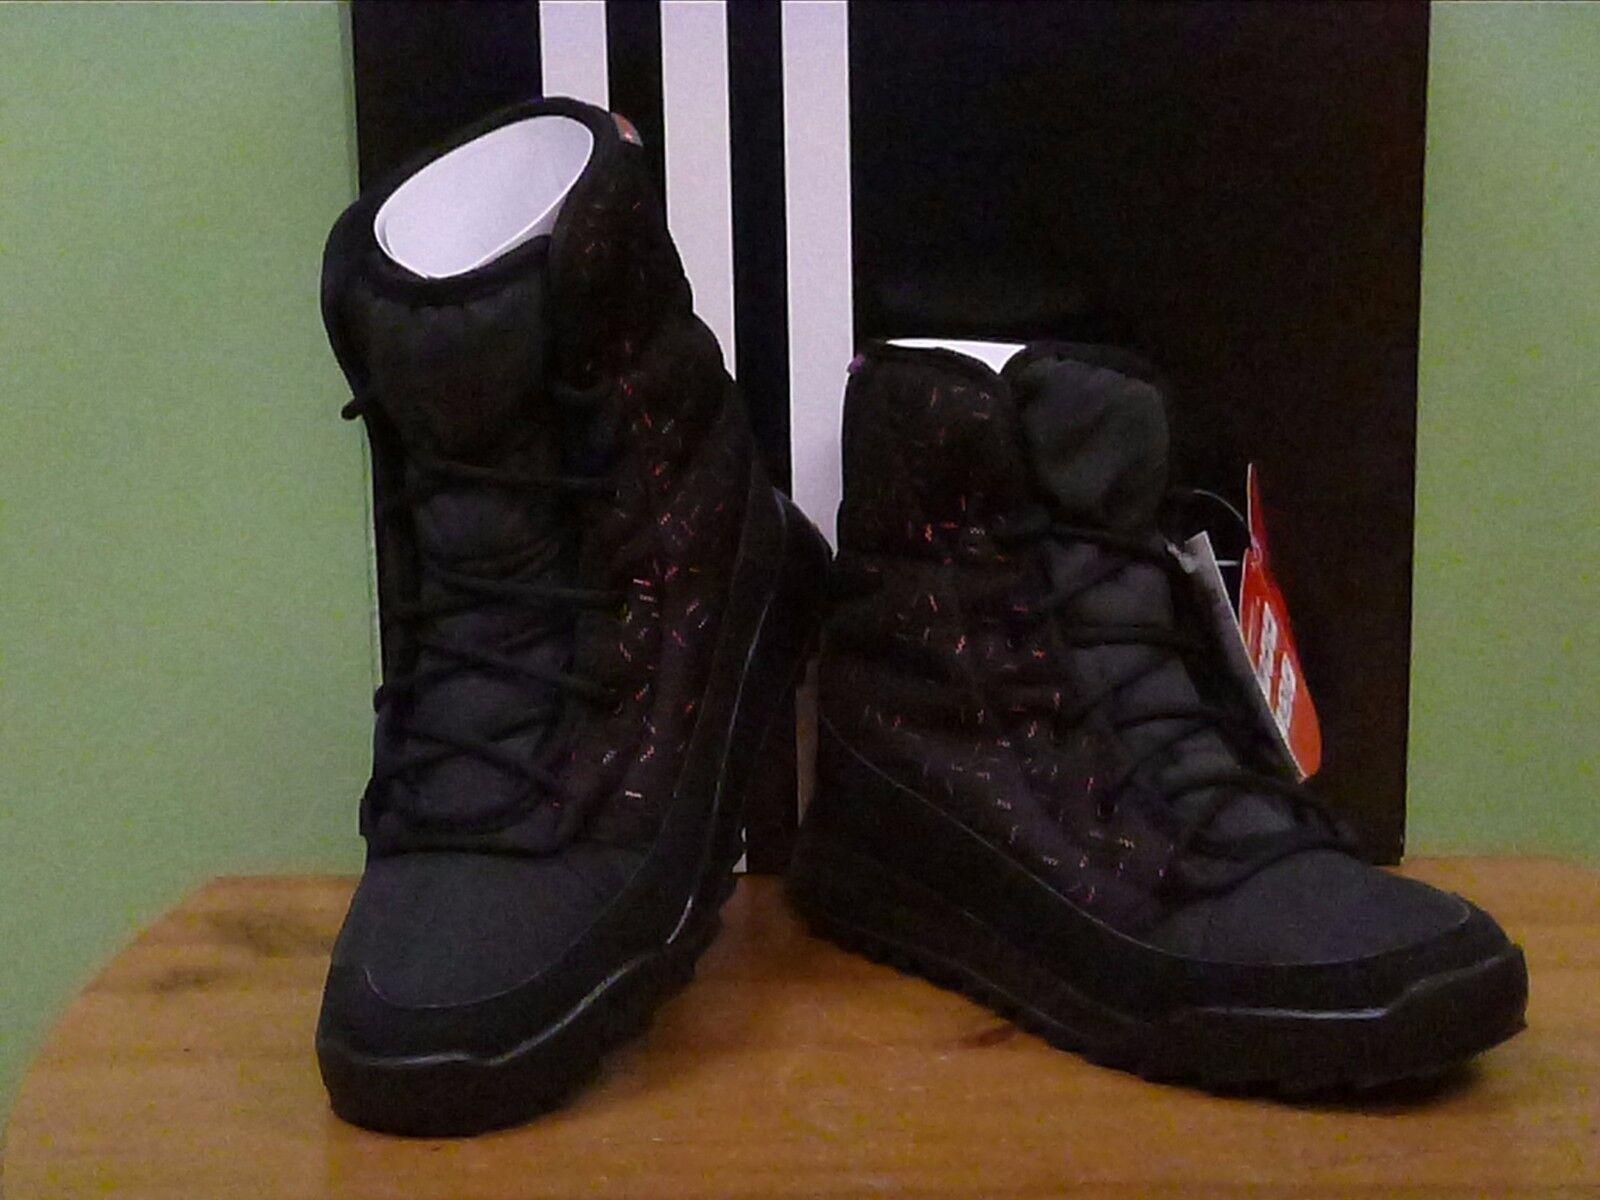 Adidas CW Choleah Padded CP Damenstiefel Isolant Sz.7.5 US Black NIB